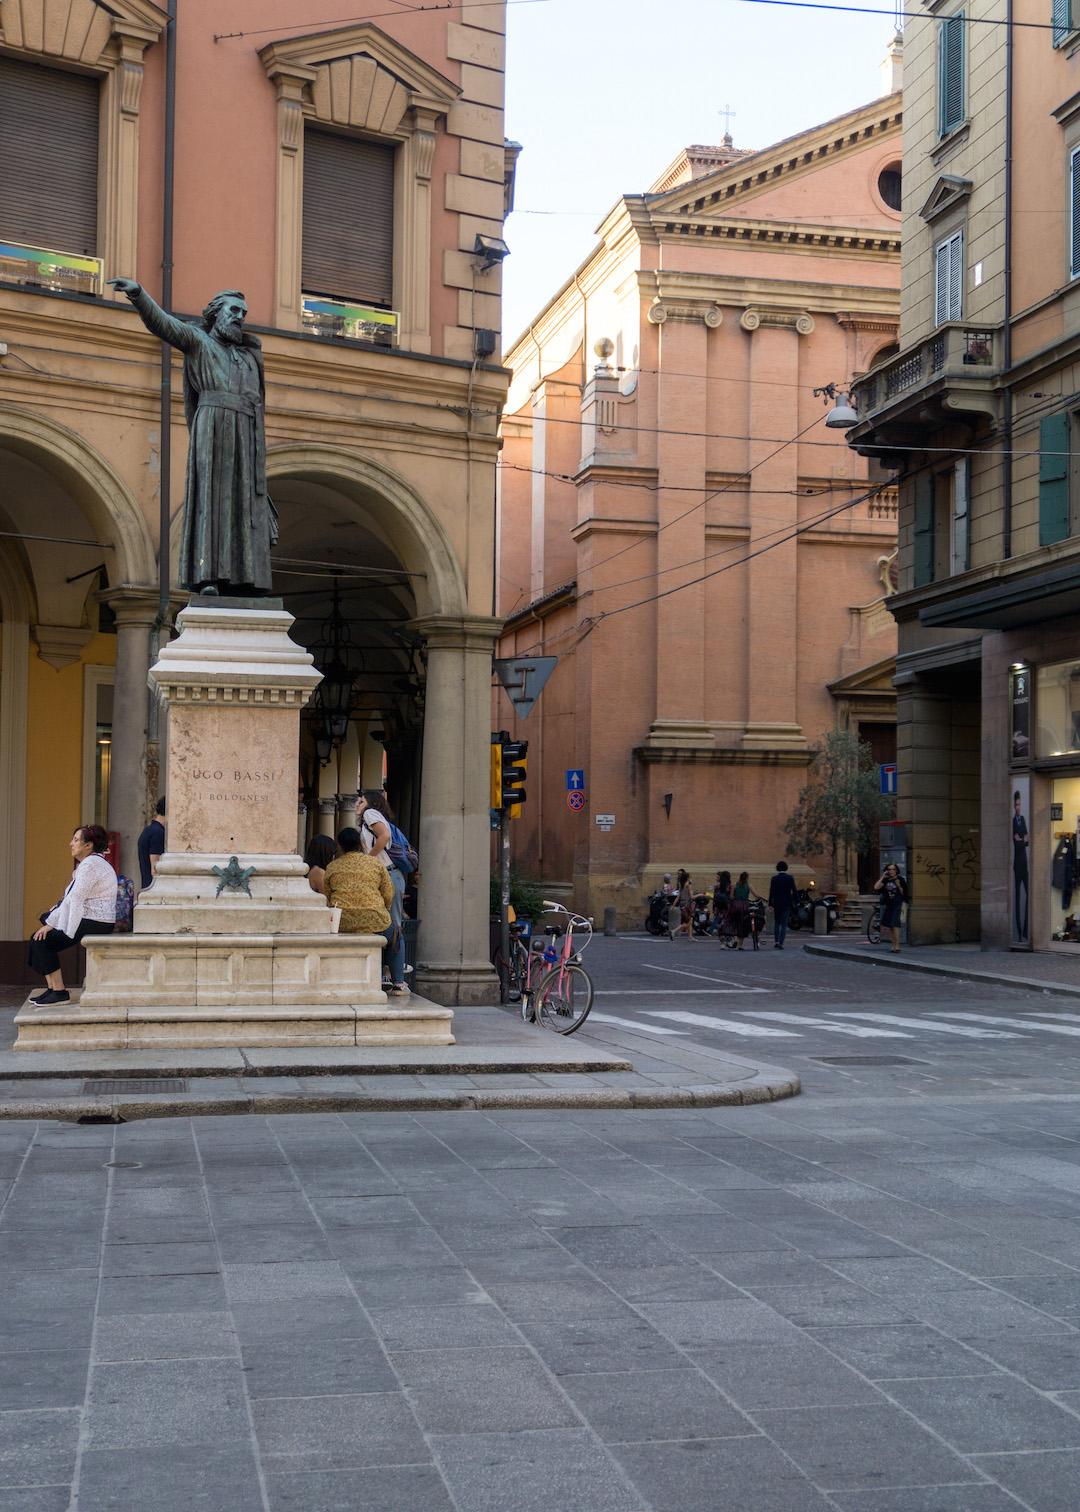 Her_Travel_Edit_Bologna_Ugo_Bassi_Statue